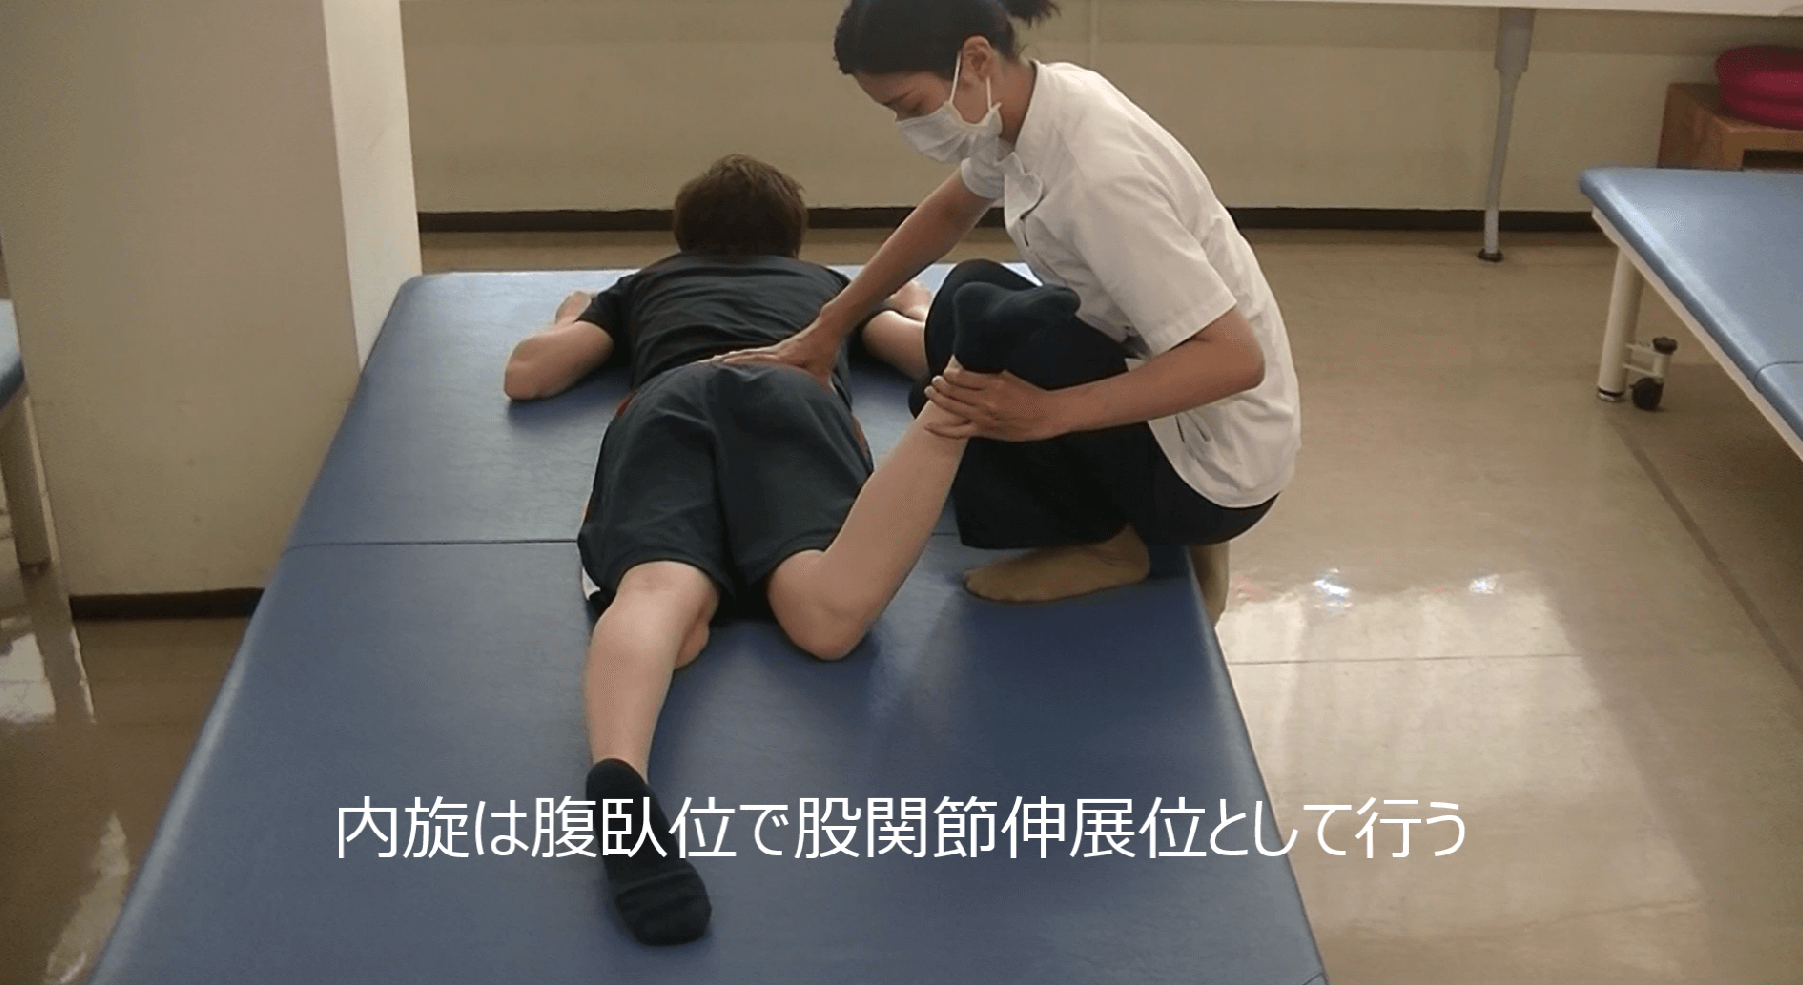 内旋は腹臥位で股関節伸展位として行う